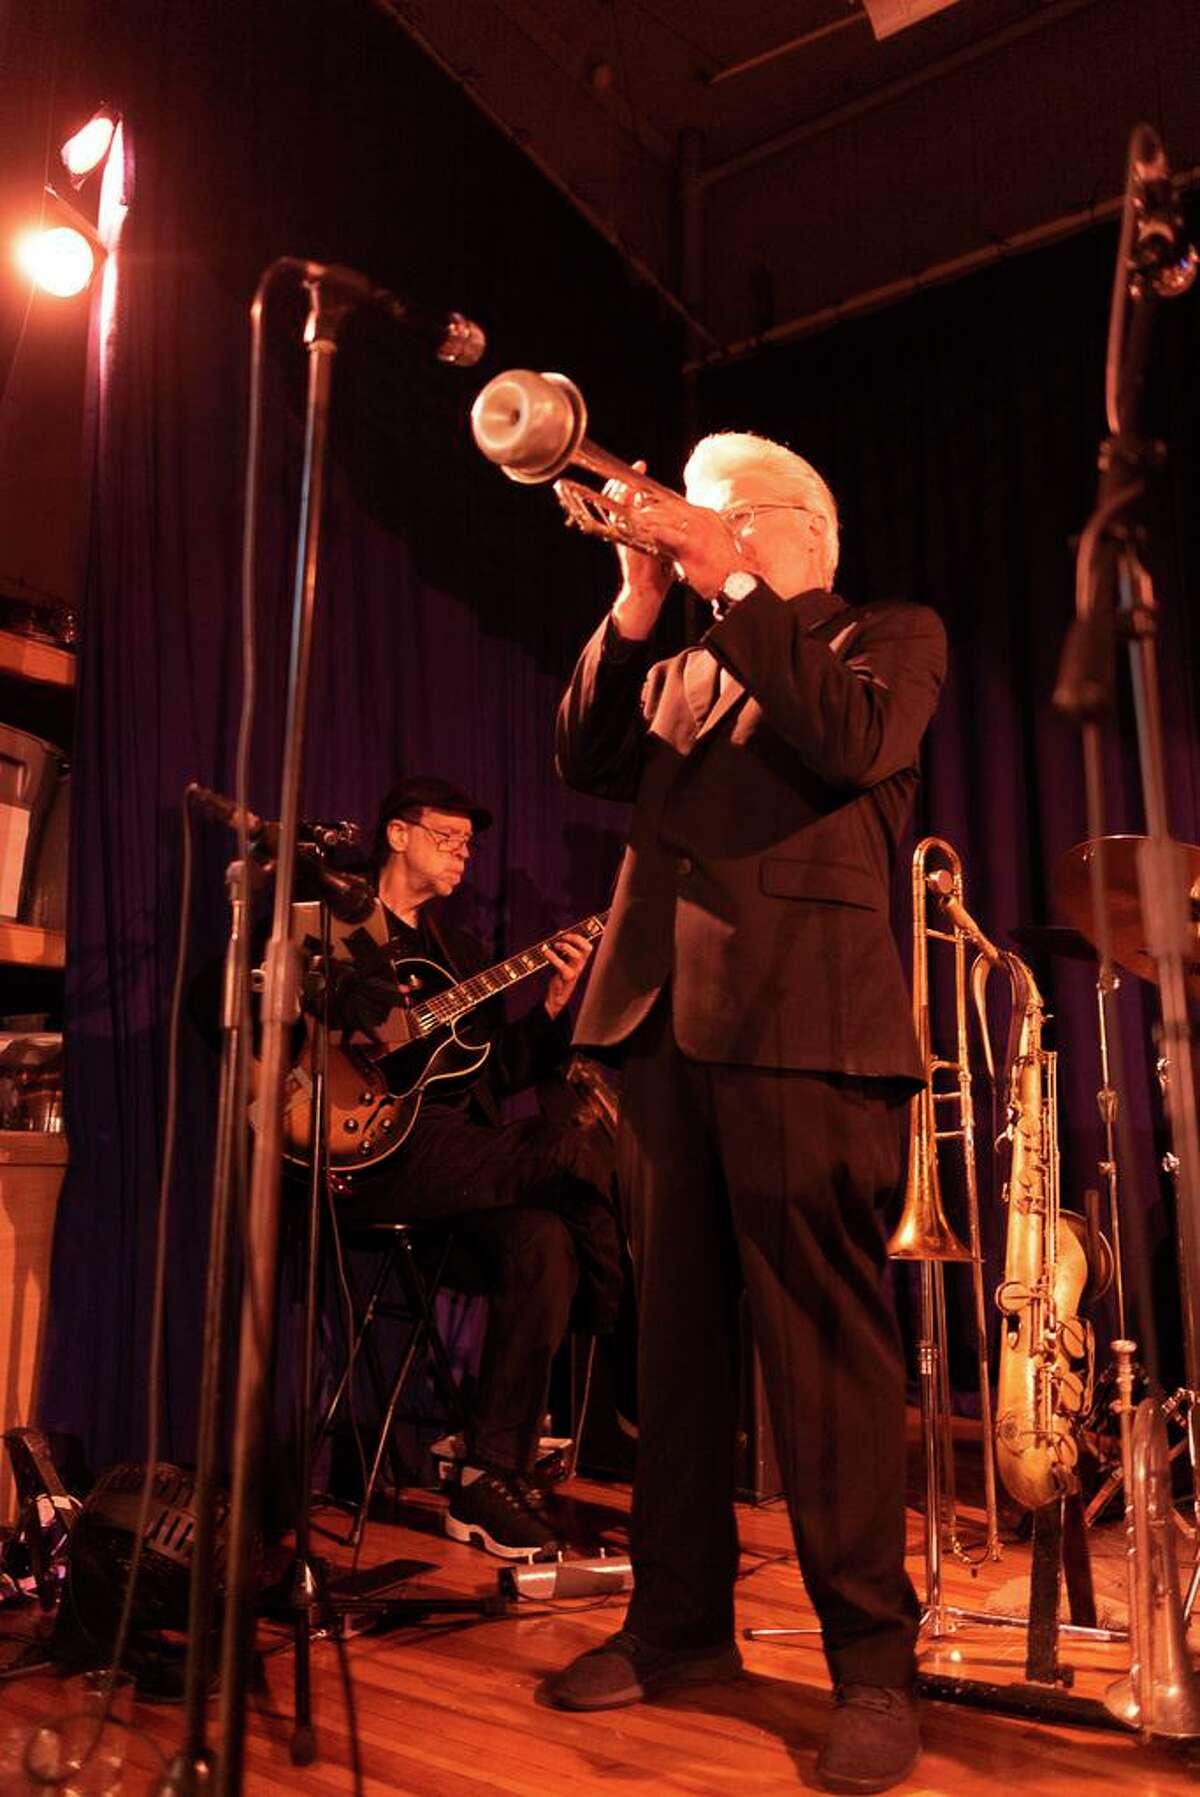 Bill Holloman band member of The Cartells